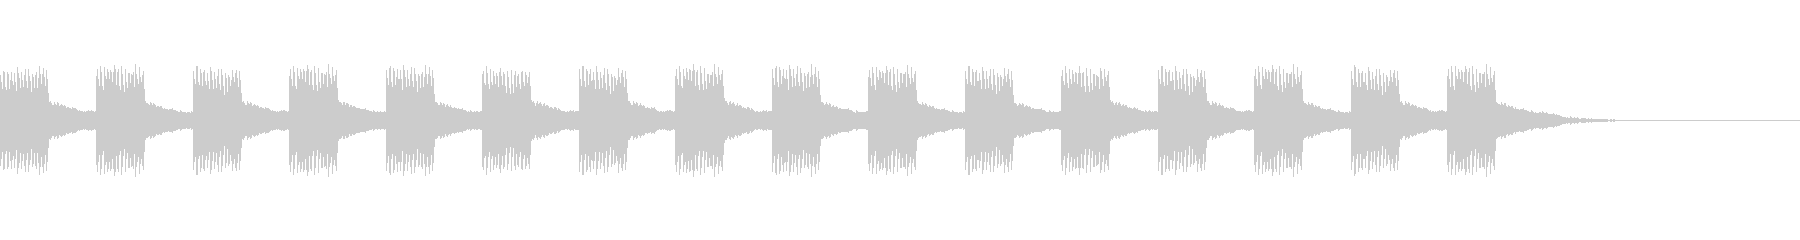 ジリジリ・・・アラーム音・警告音の未再生の波形